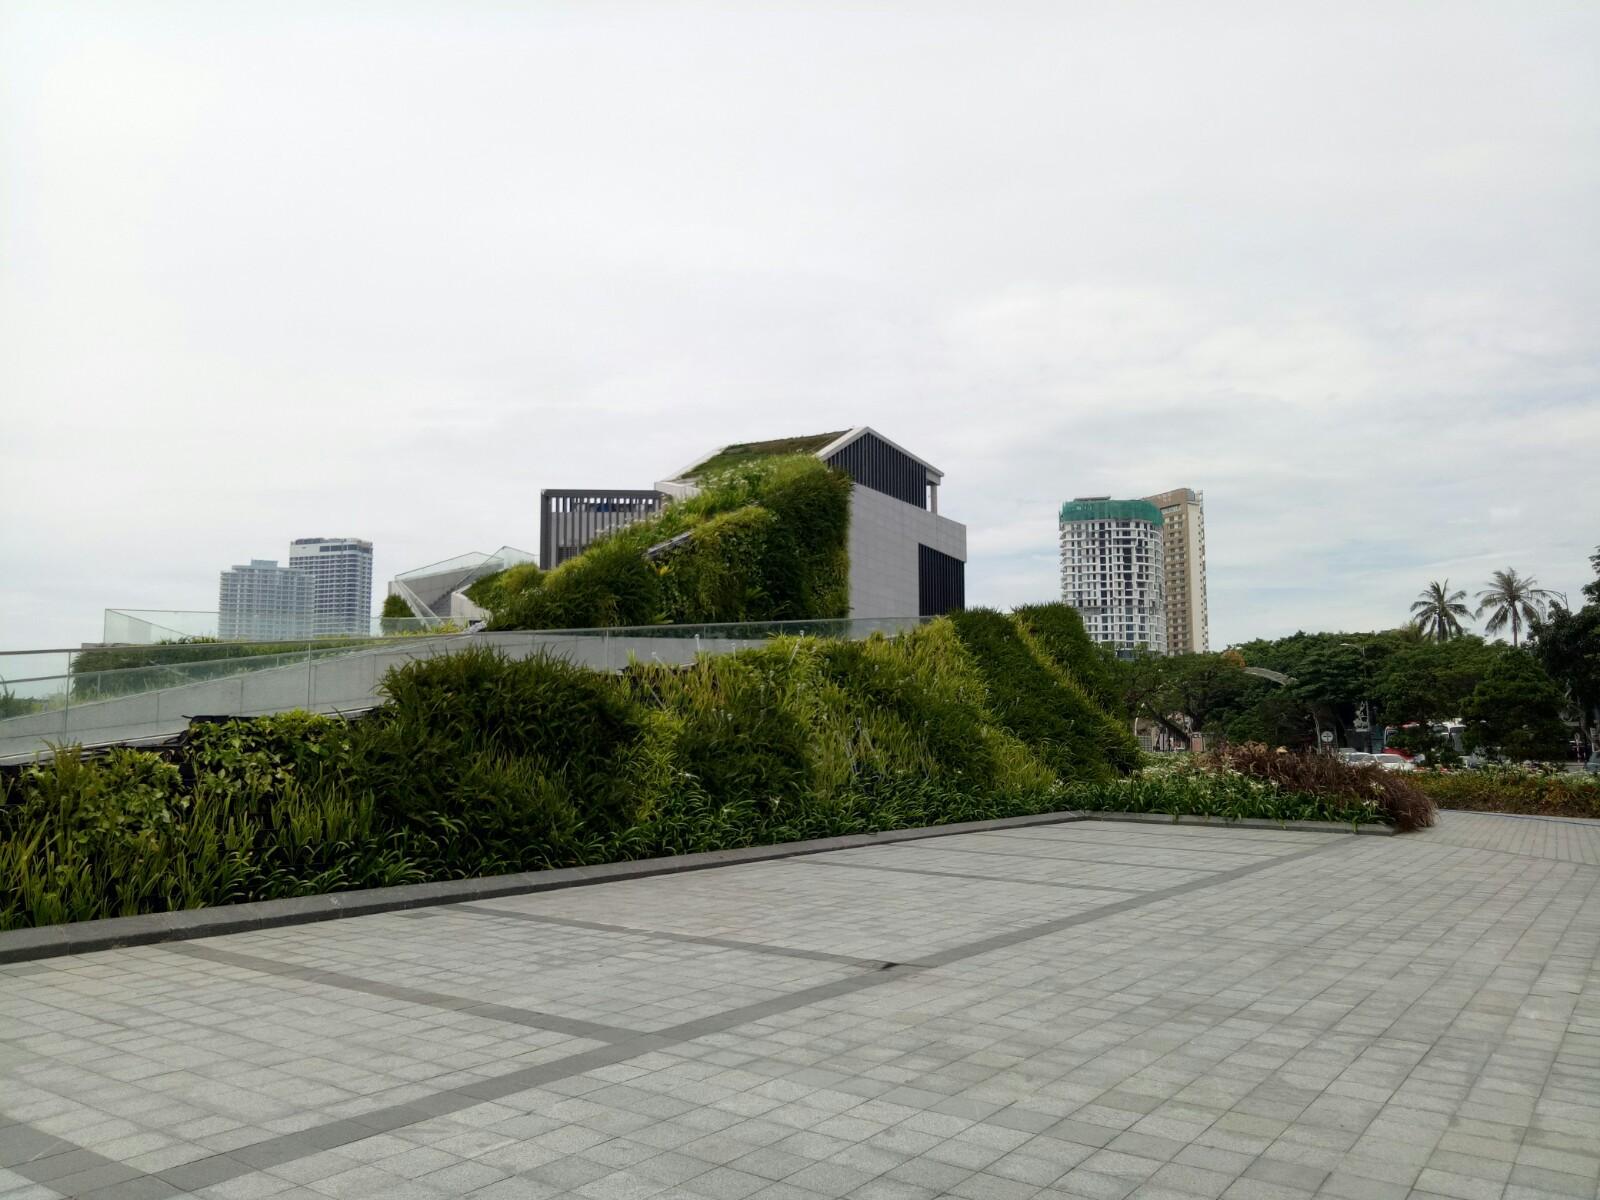 Cận cảnh bến du thuyền của Vũ nhôm bỏ hoang bên sông Hàn - Ảnh 4.